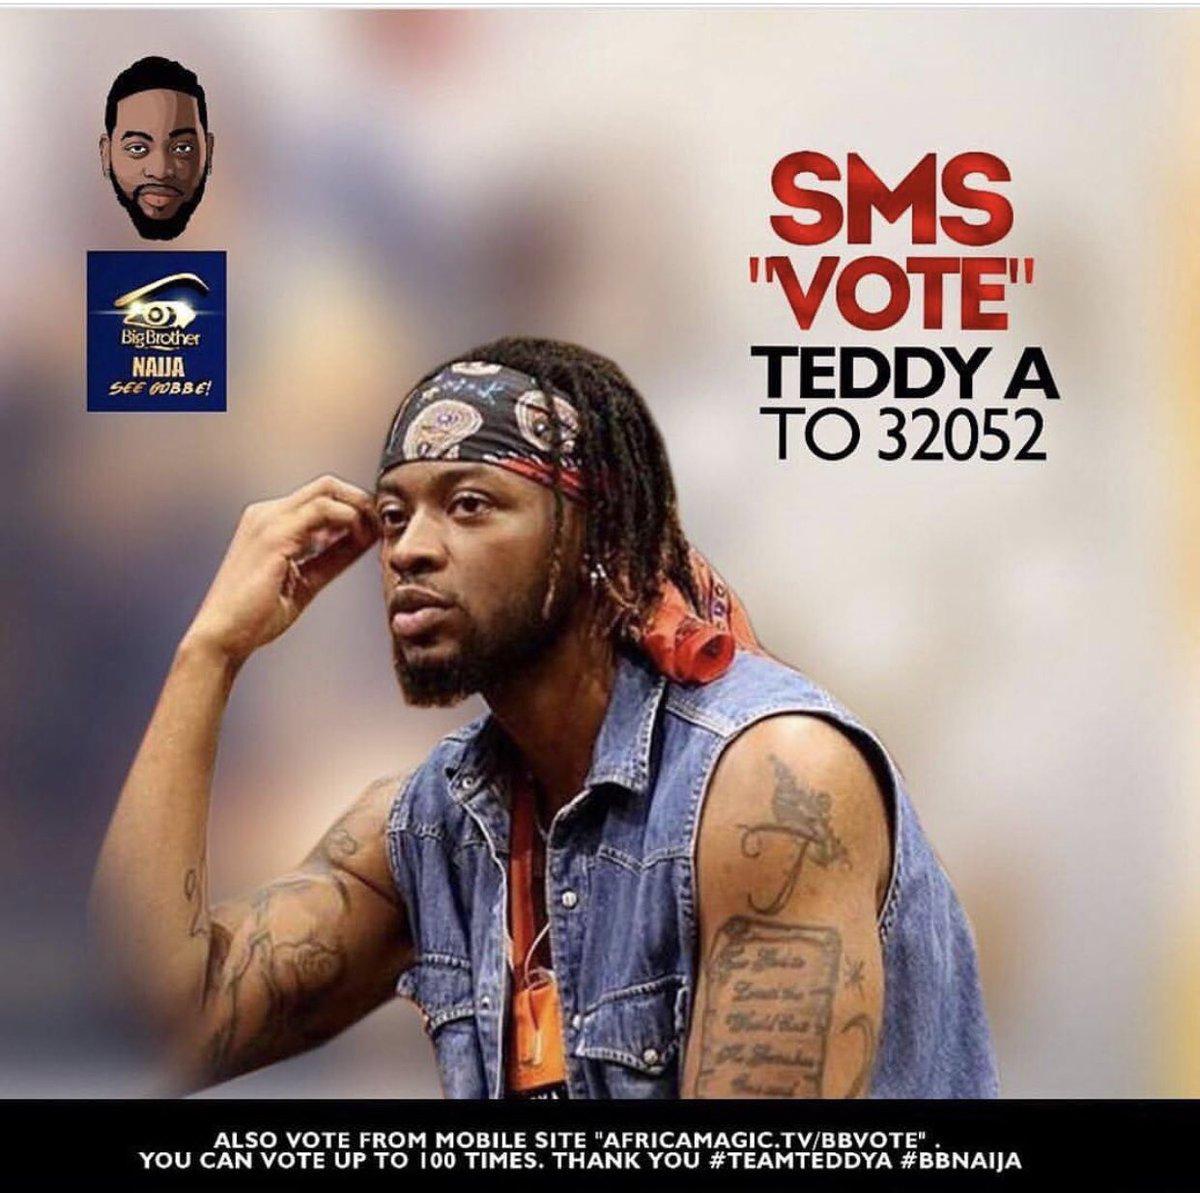 Vote vote vote ! https://t.co/w0fLPXiM4b